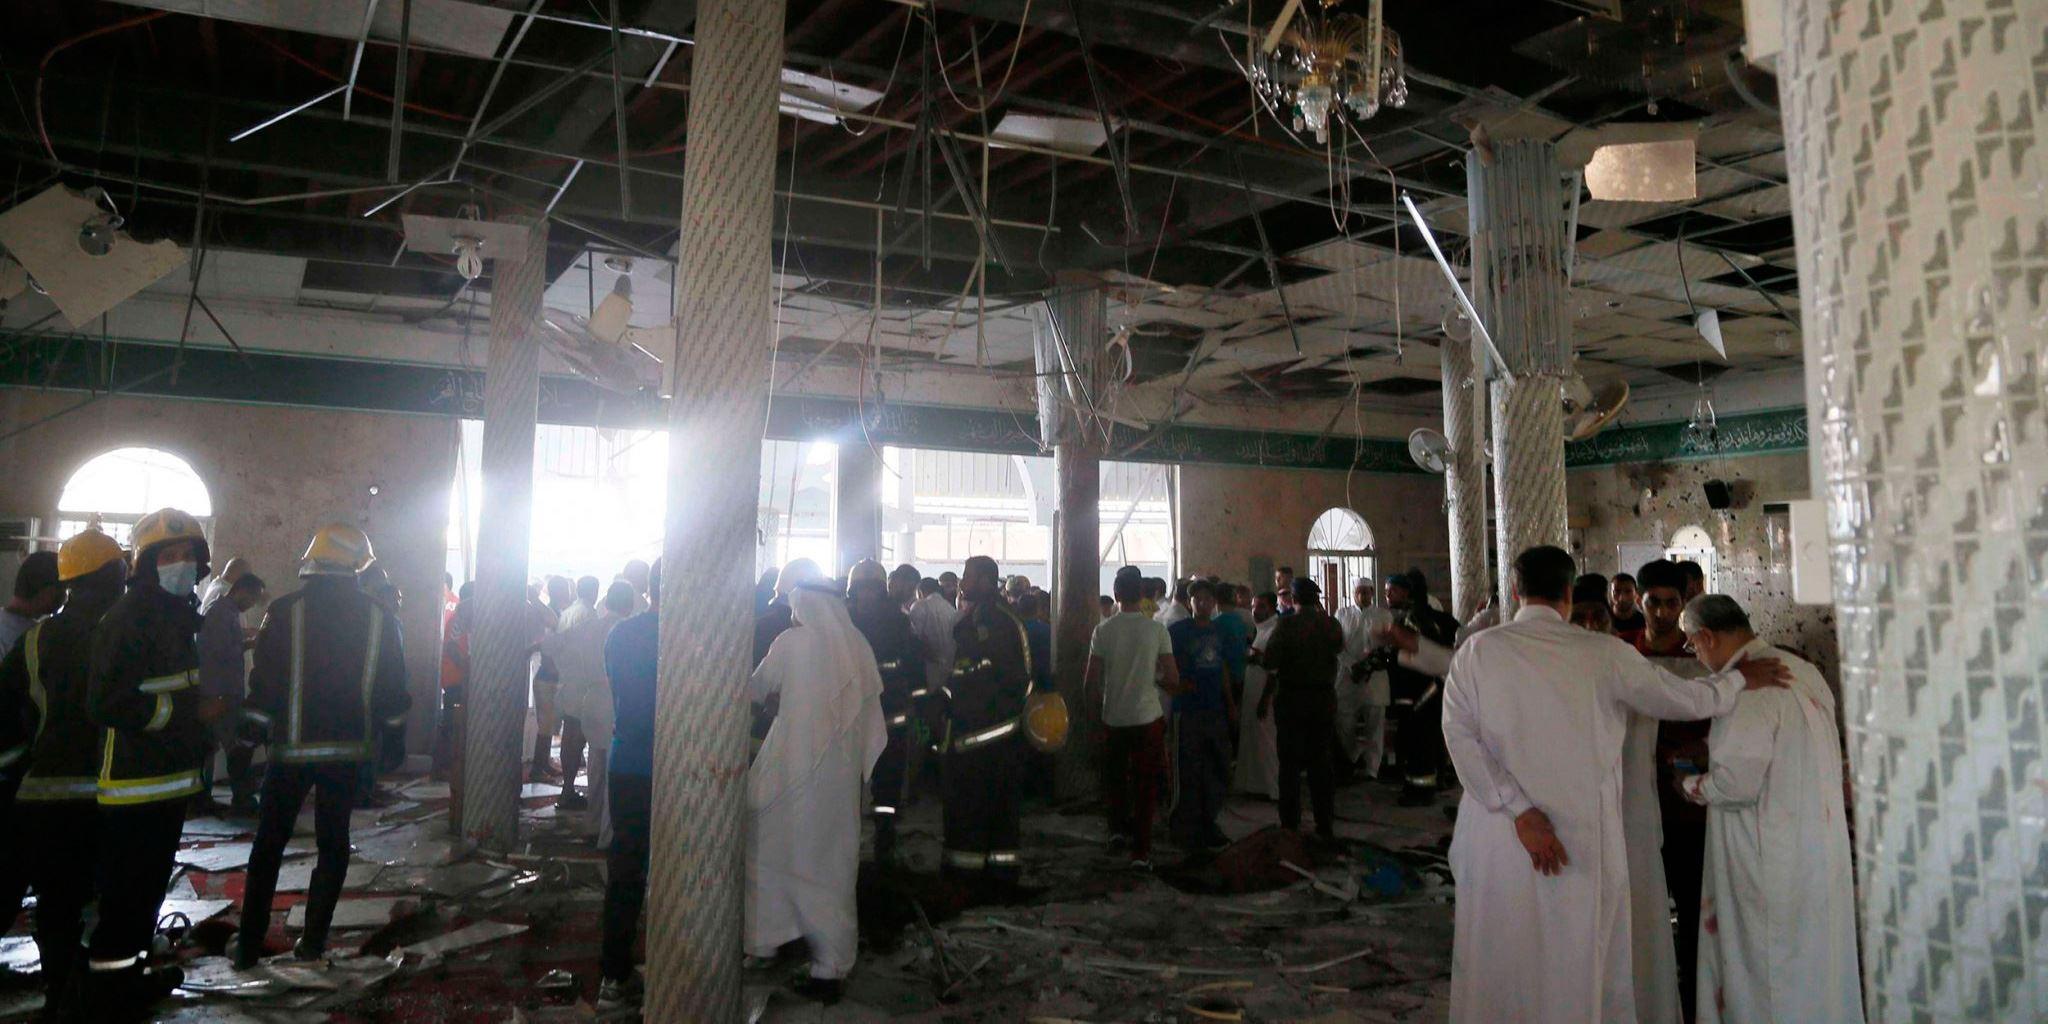 Resultado de imagen para boda explosivos afganistanç